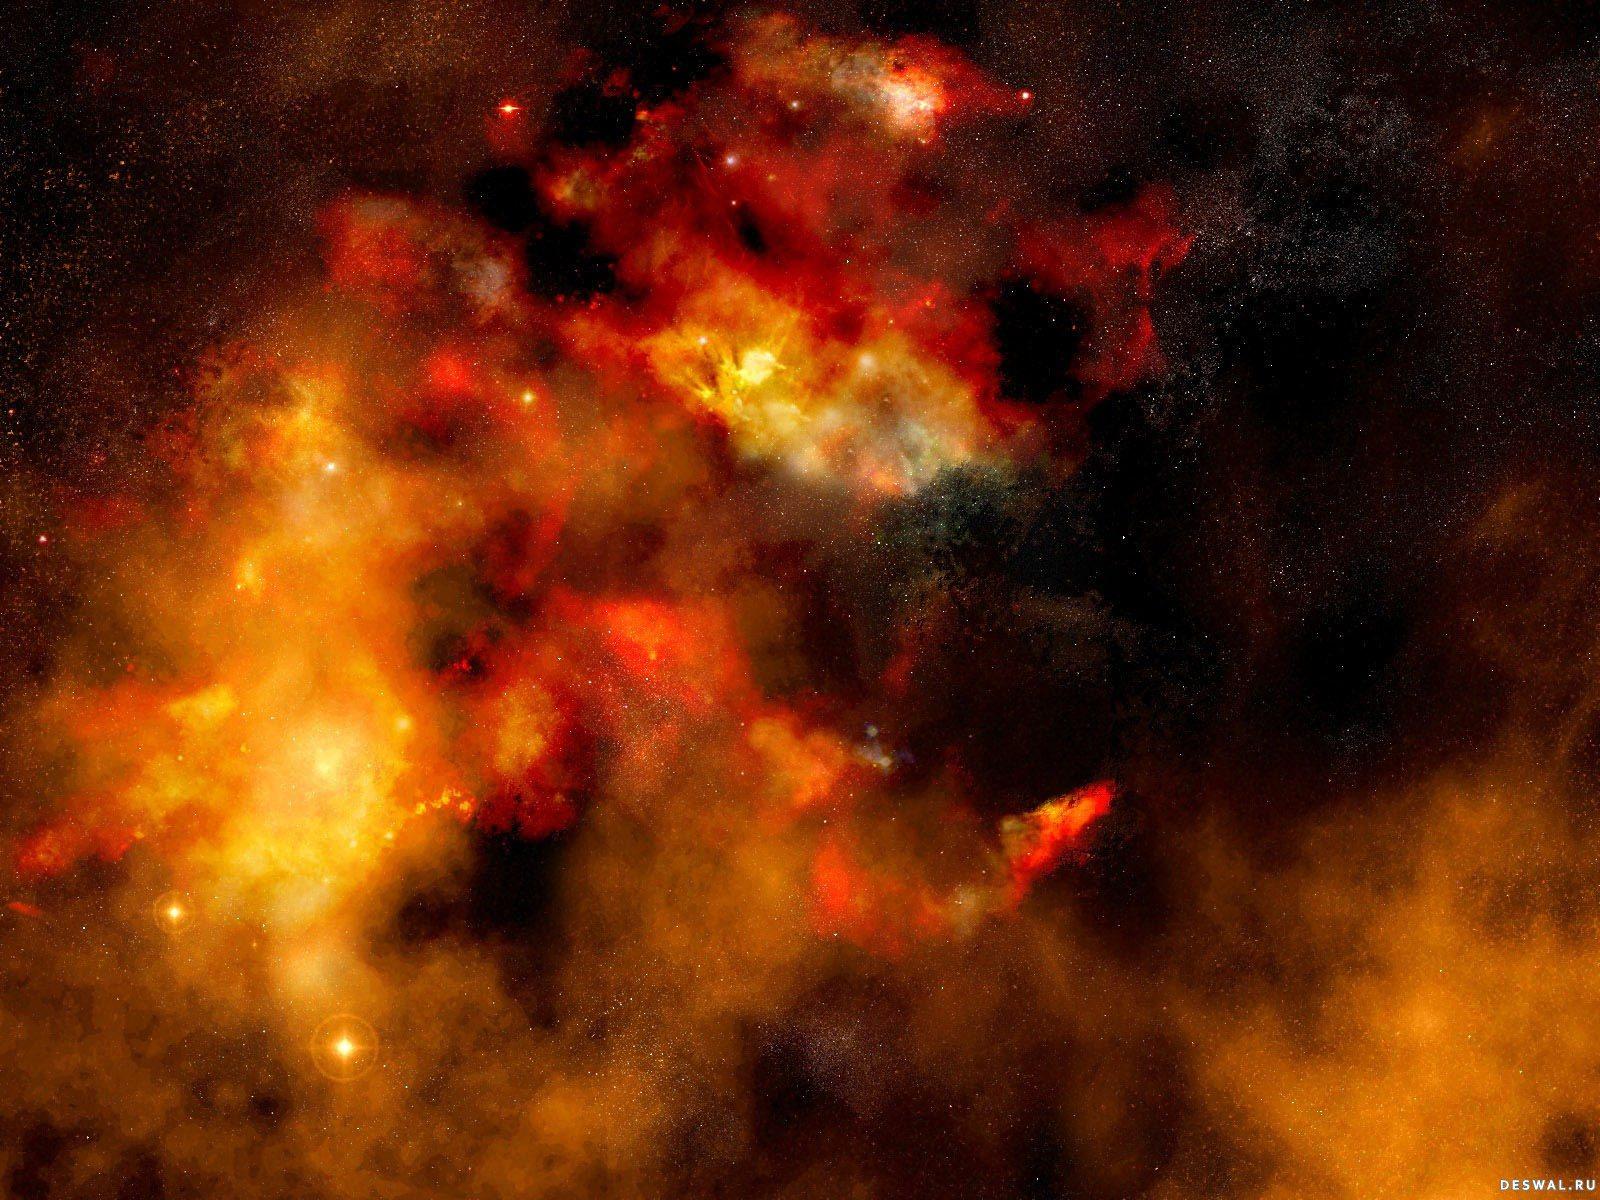 Фото 271.. Нажмите на картинку с обоями космоса, чтобы просмотреть ее в реальном размере